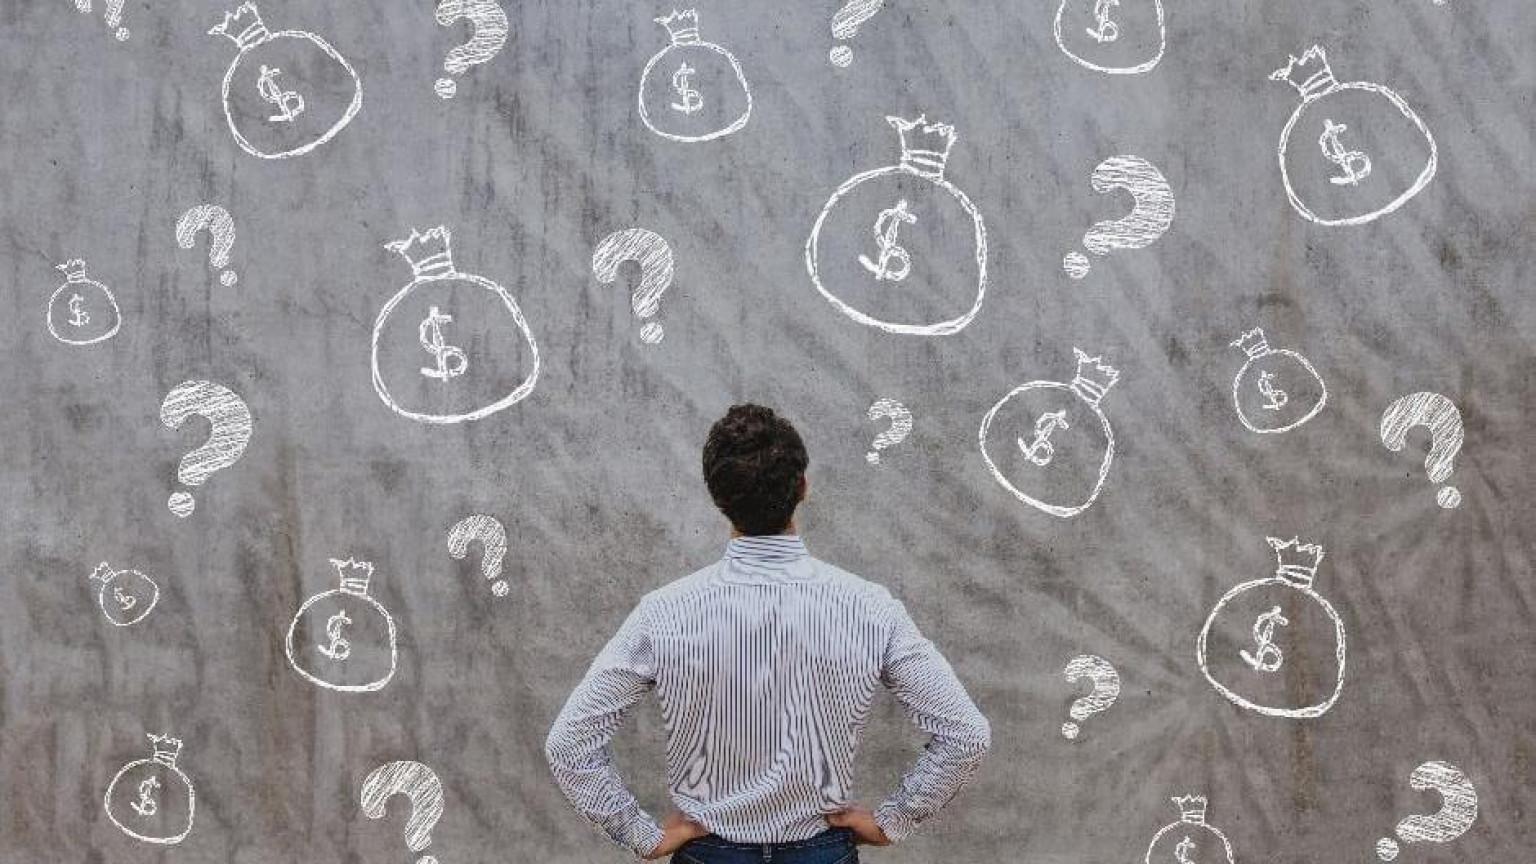 A loan originator in Peer-to-Peer Lending